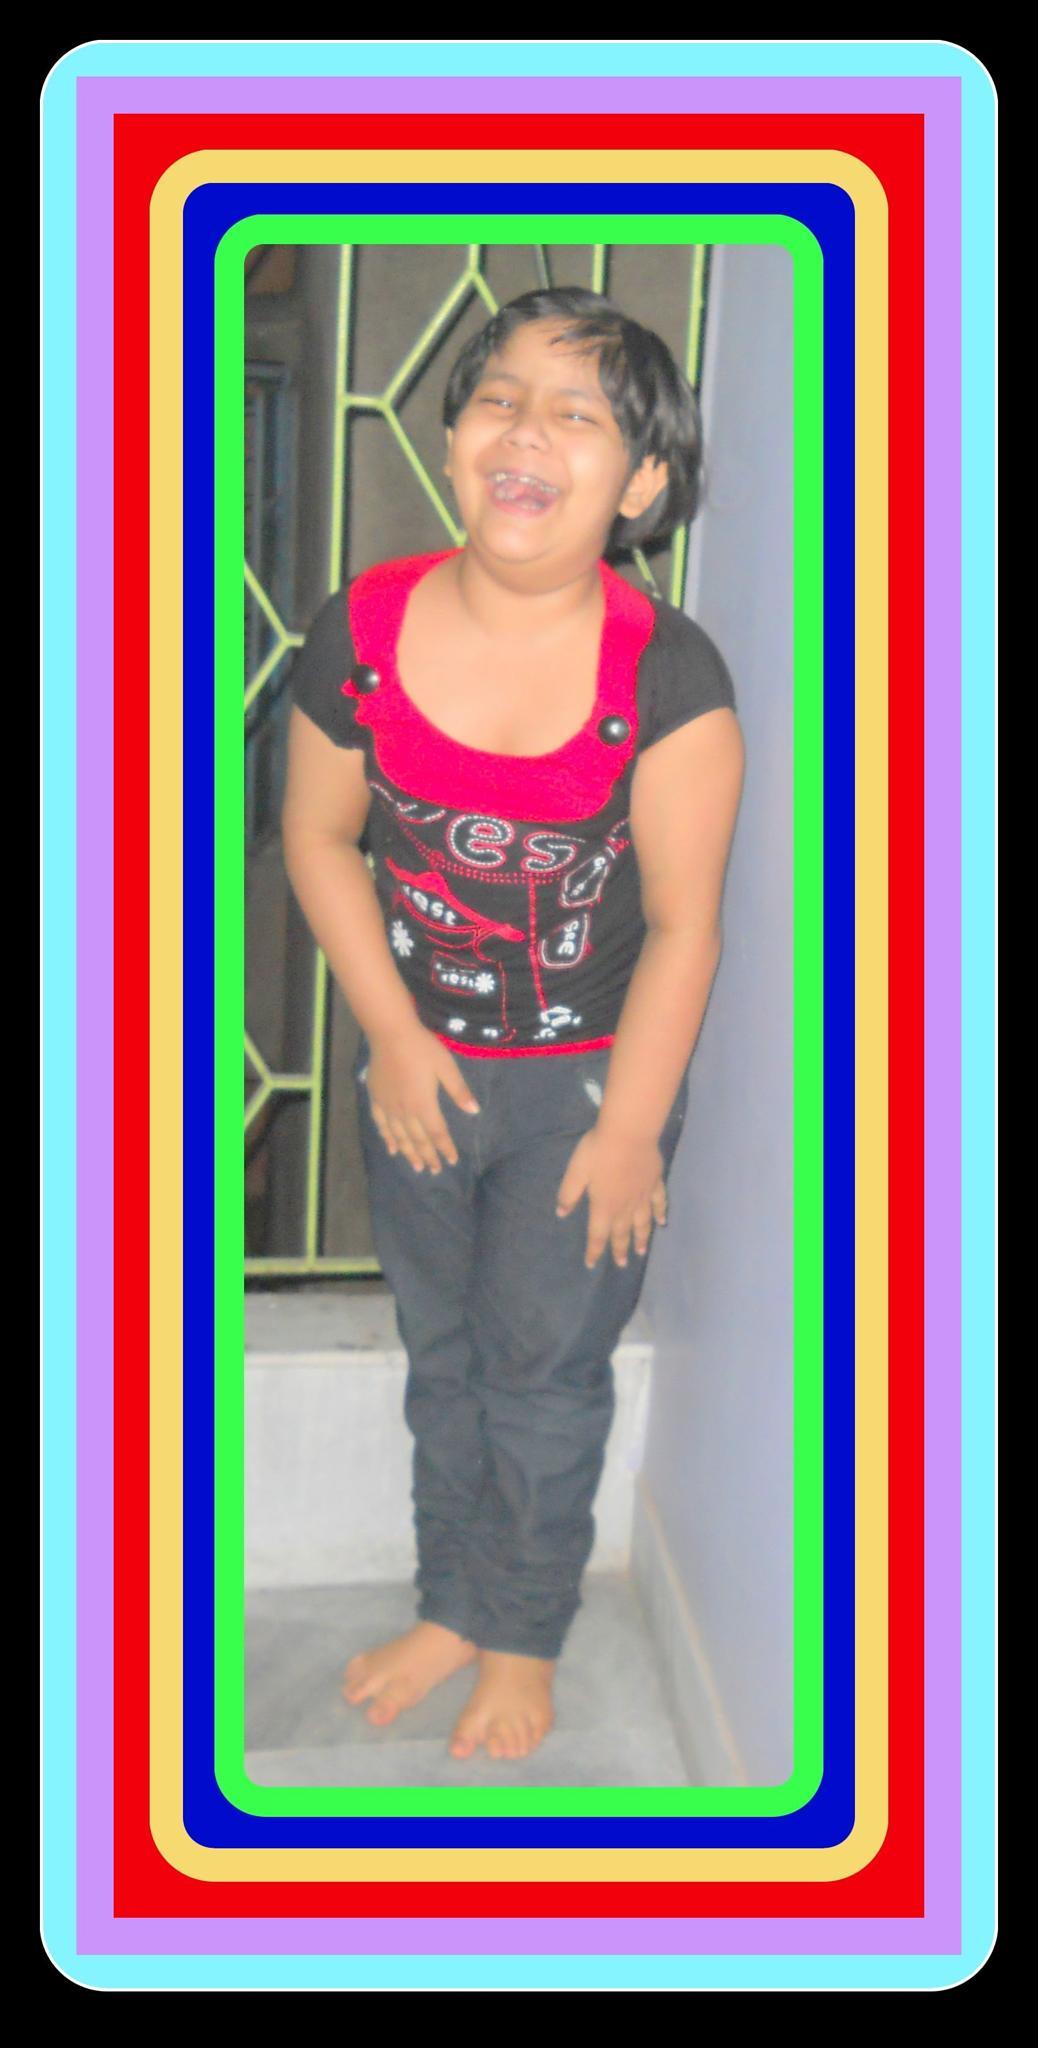 Colourful child by swapan kumar saha